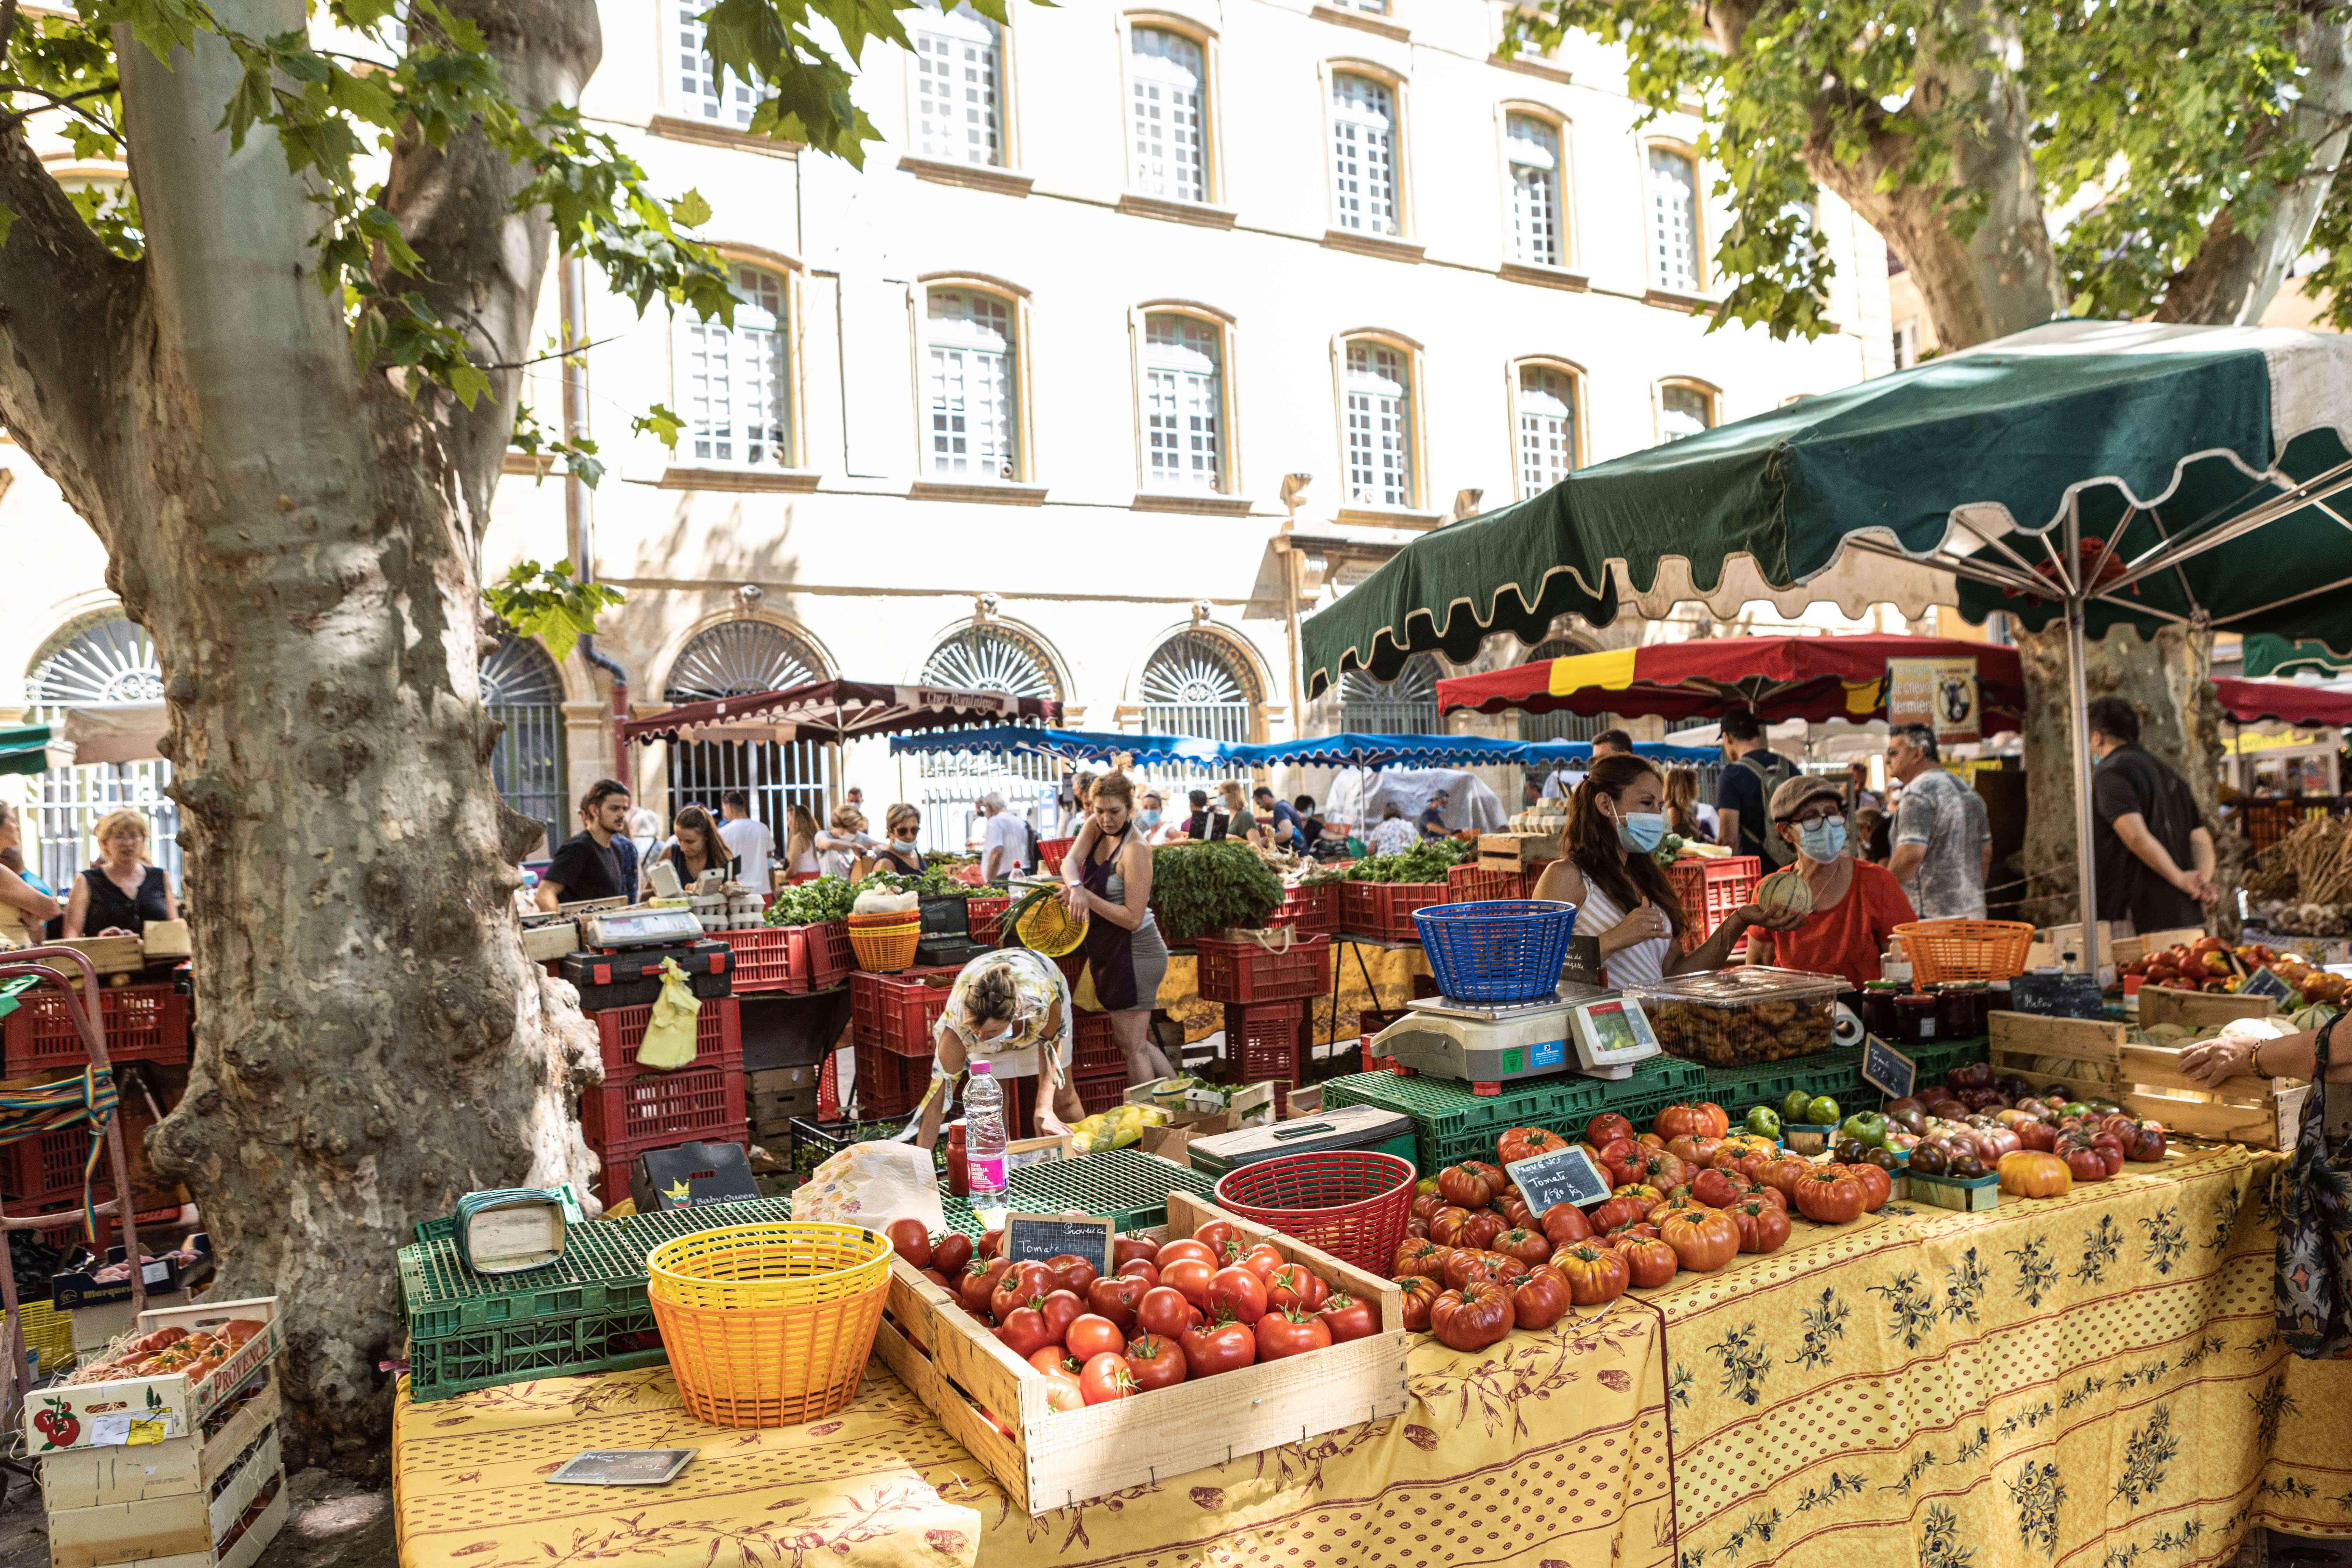 A lively market